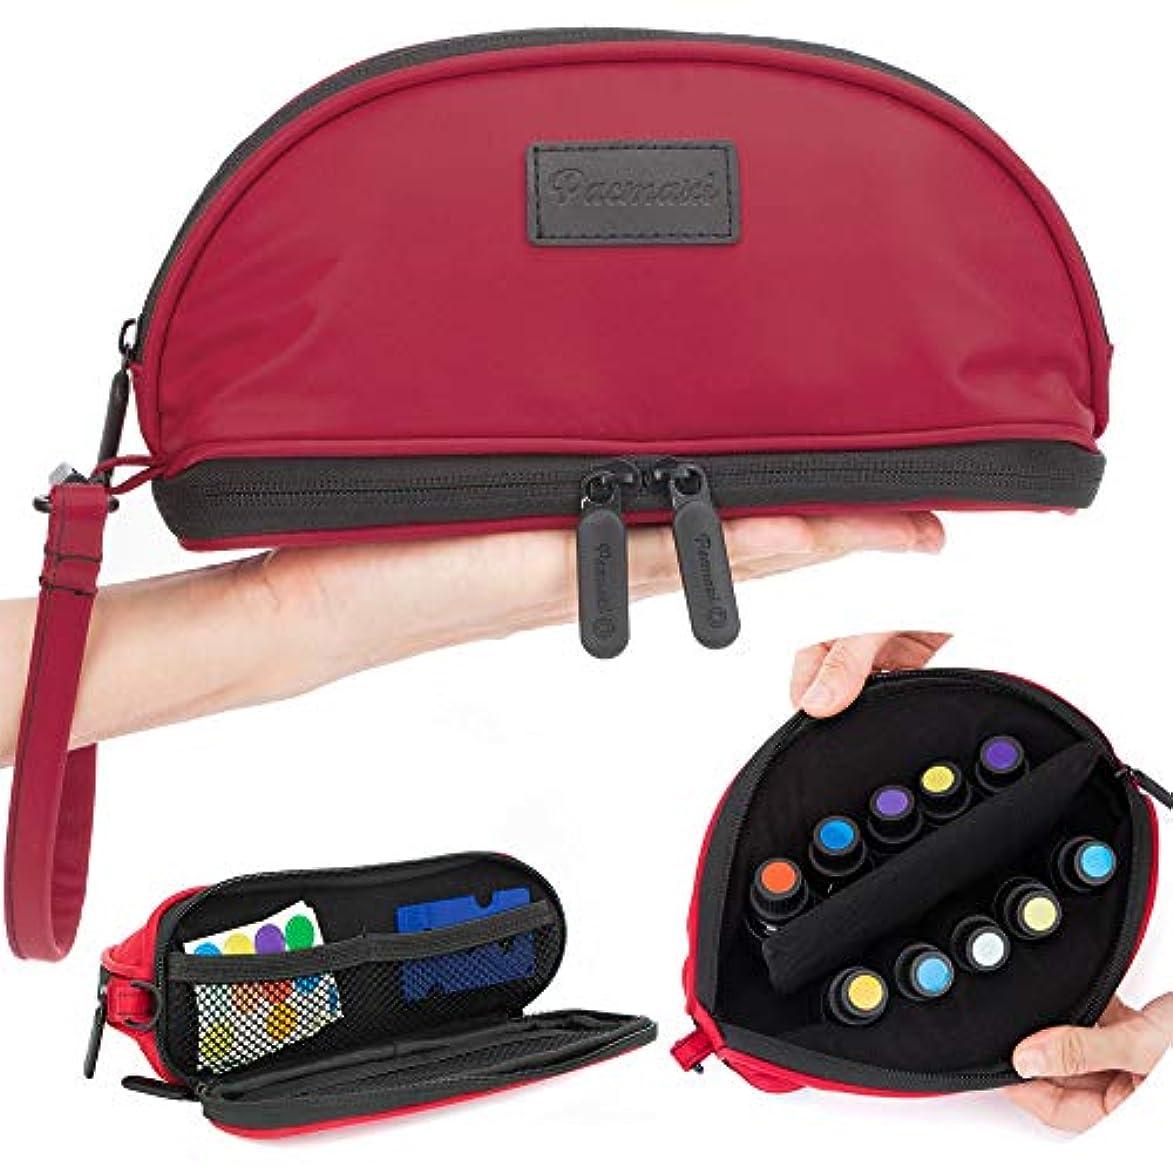 ペナルティ投資リーフレット[Pacmaxi]エッセンシャルオイル 収納ポーチ 携帯便利 旅行 10本収納(5ml - 15ml) ナイロン製 撥水加工 ストラップあり (レッド)